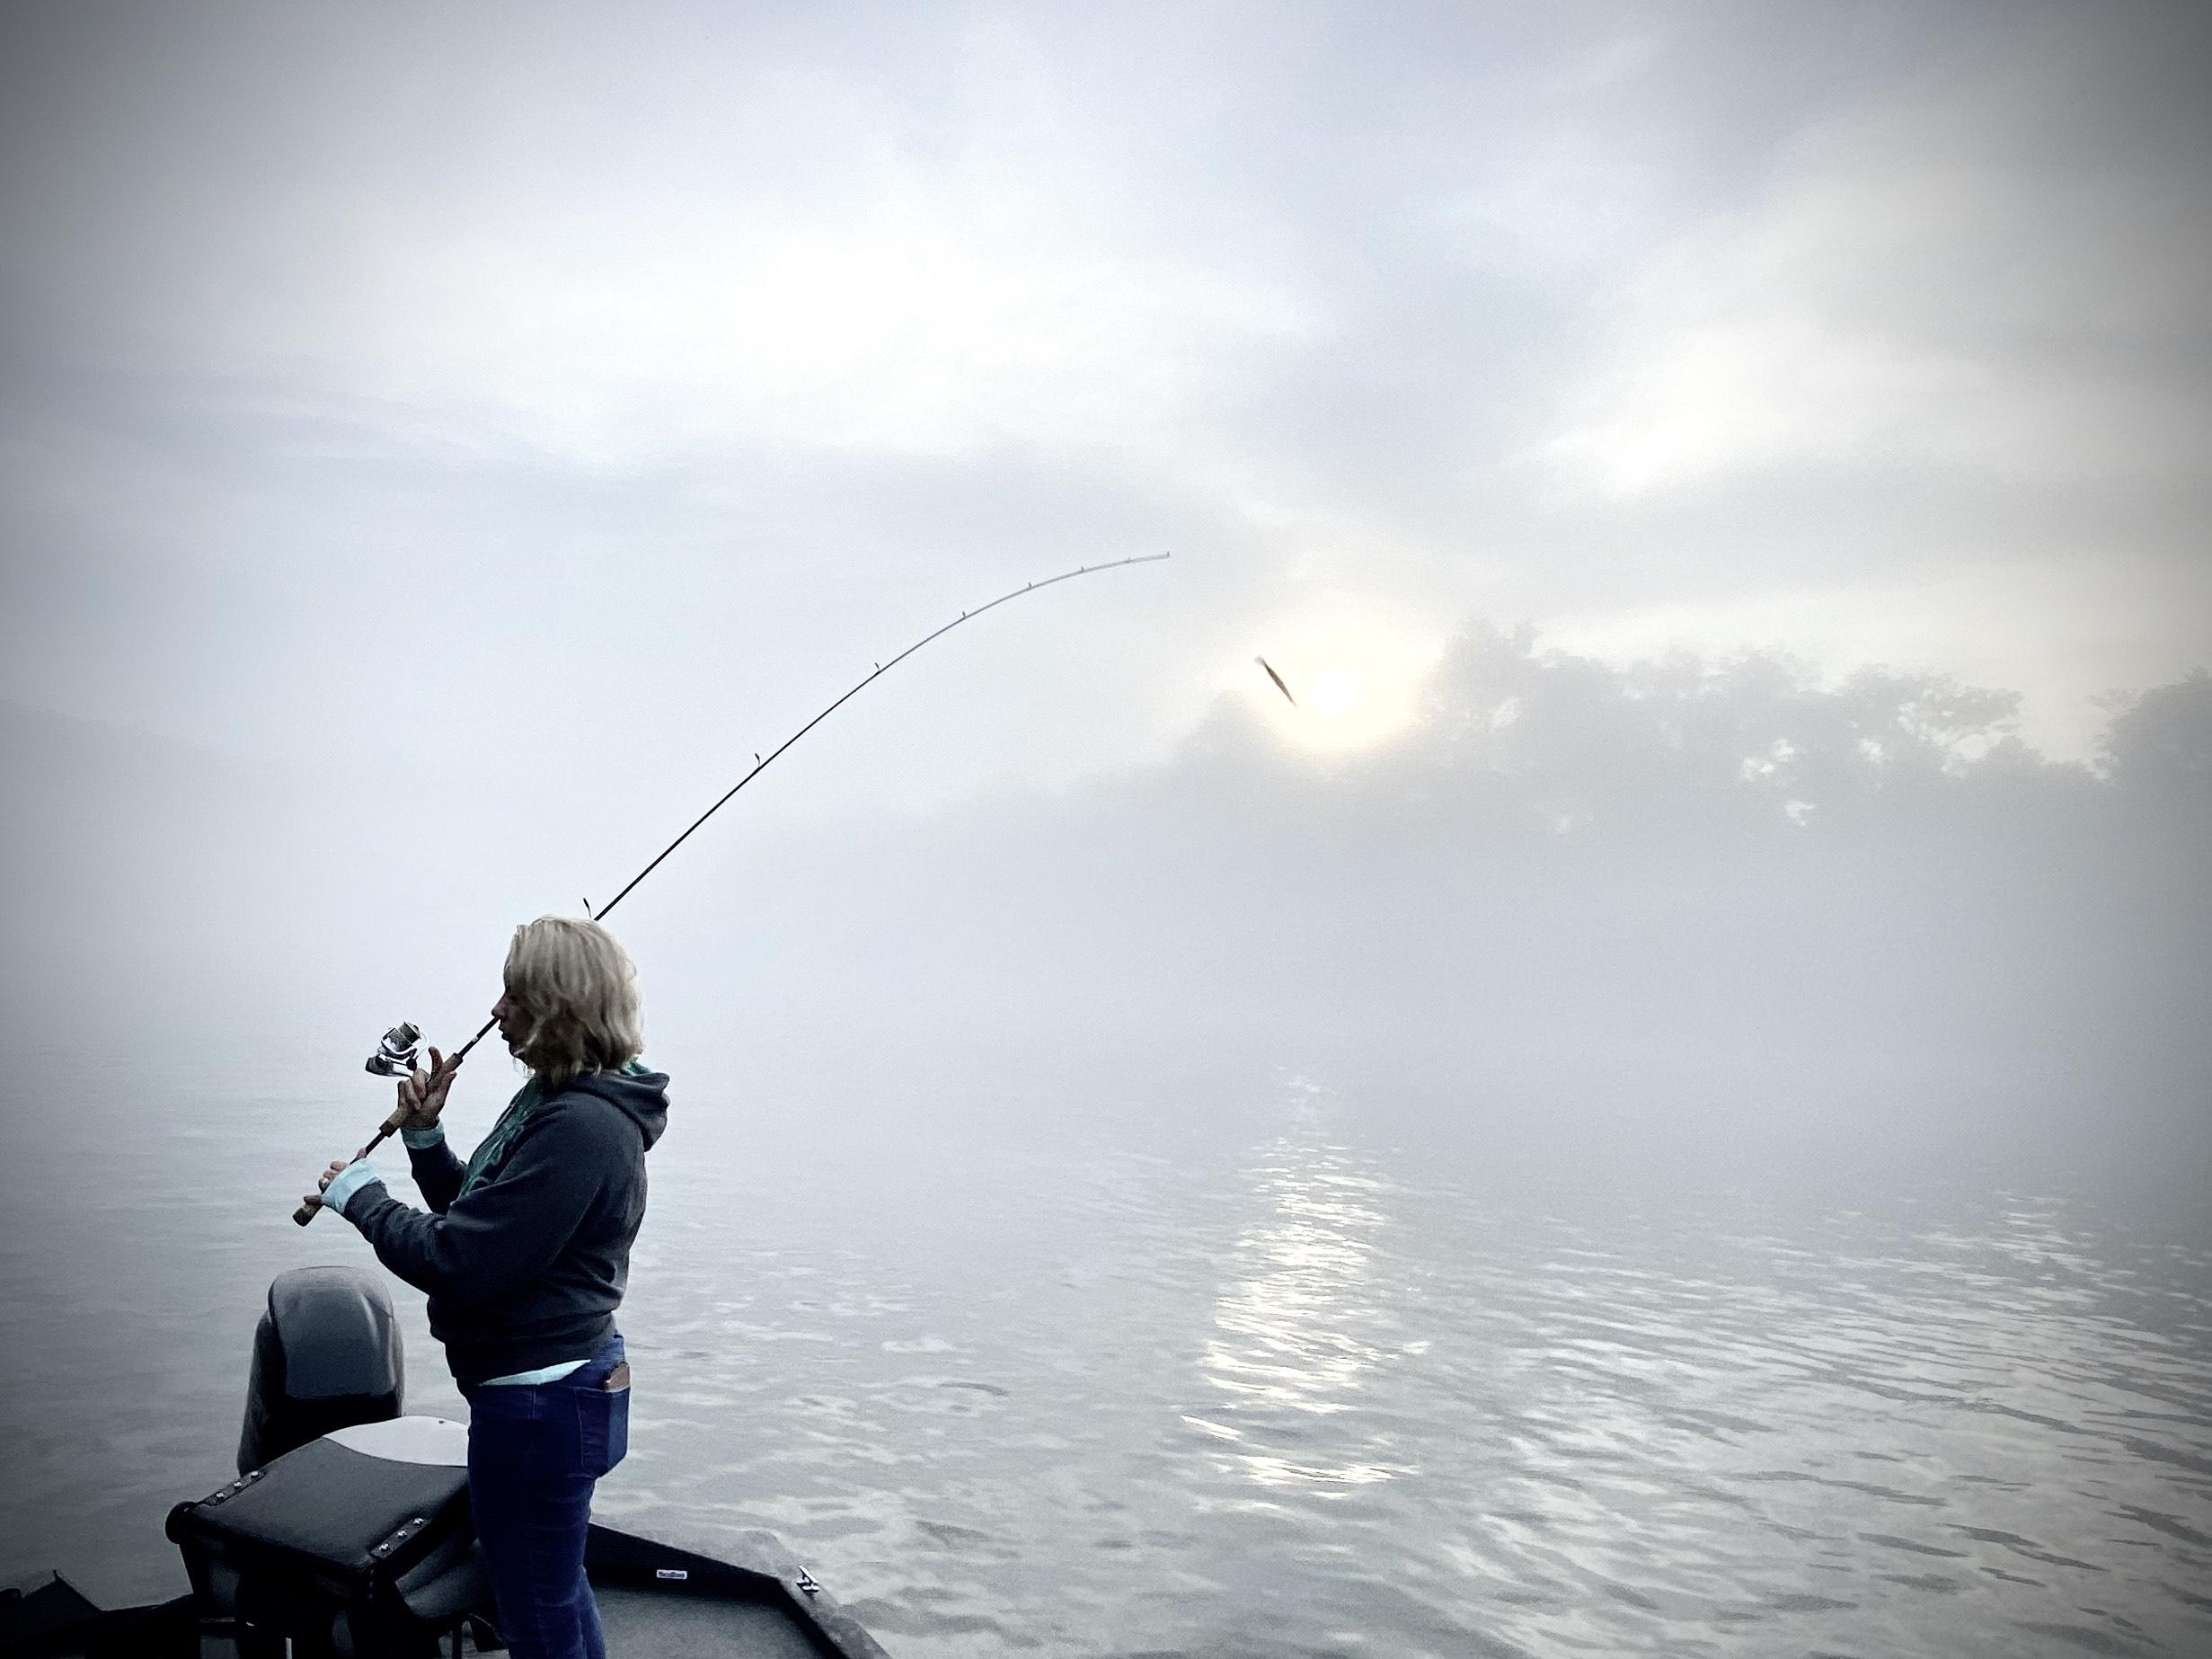 June 1 fishing report